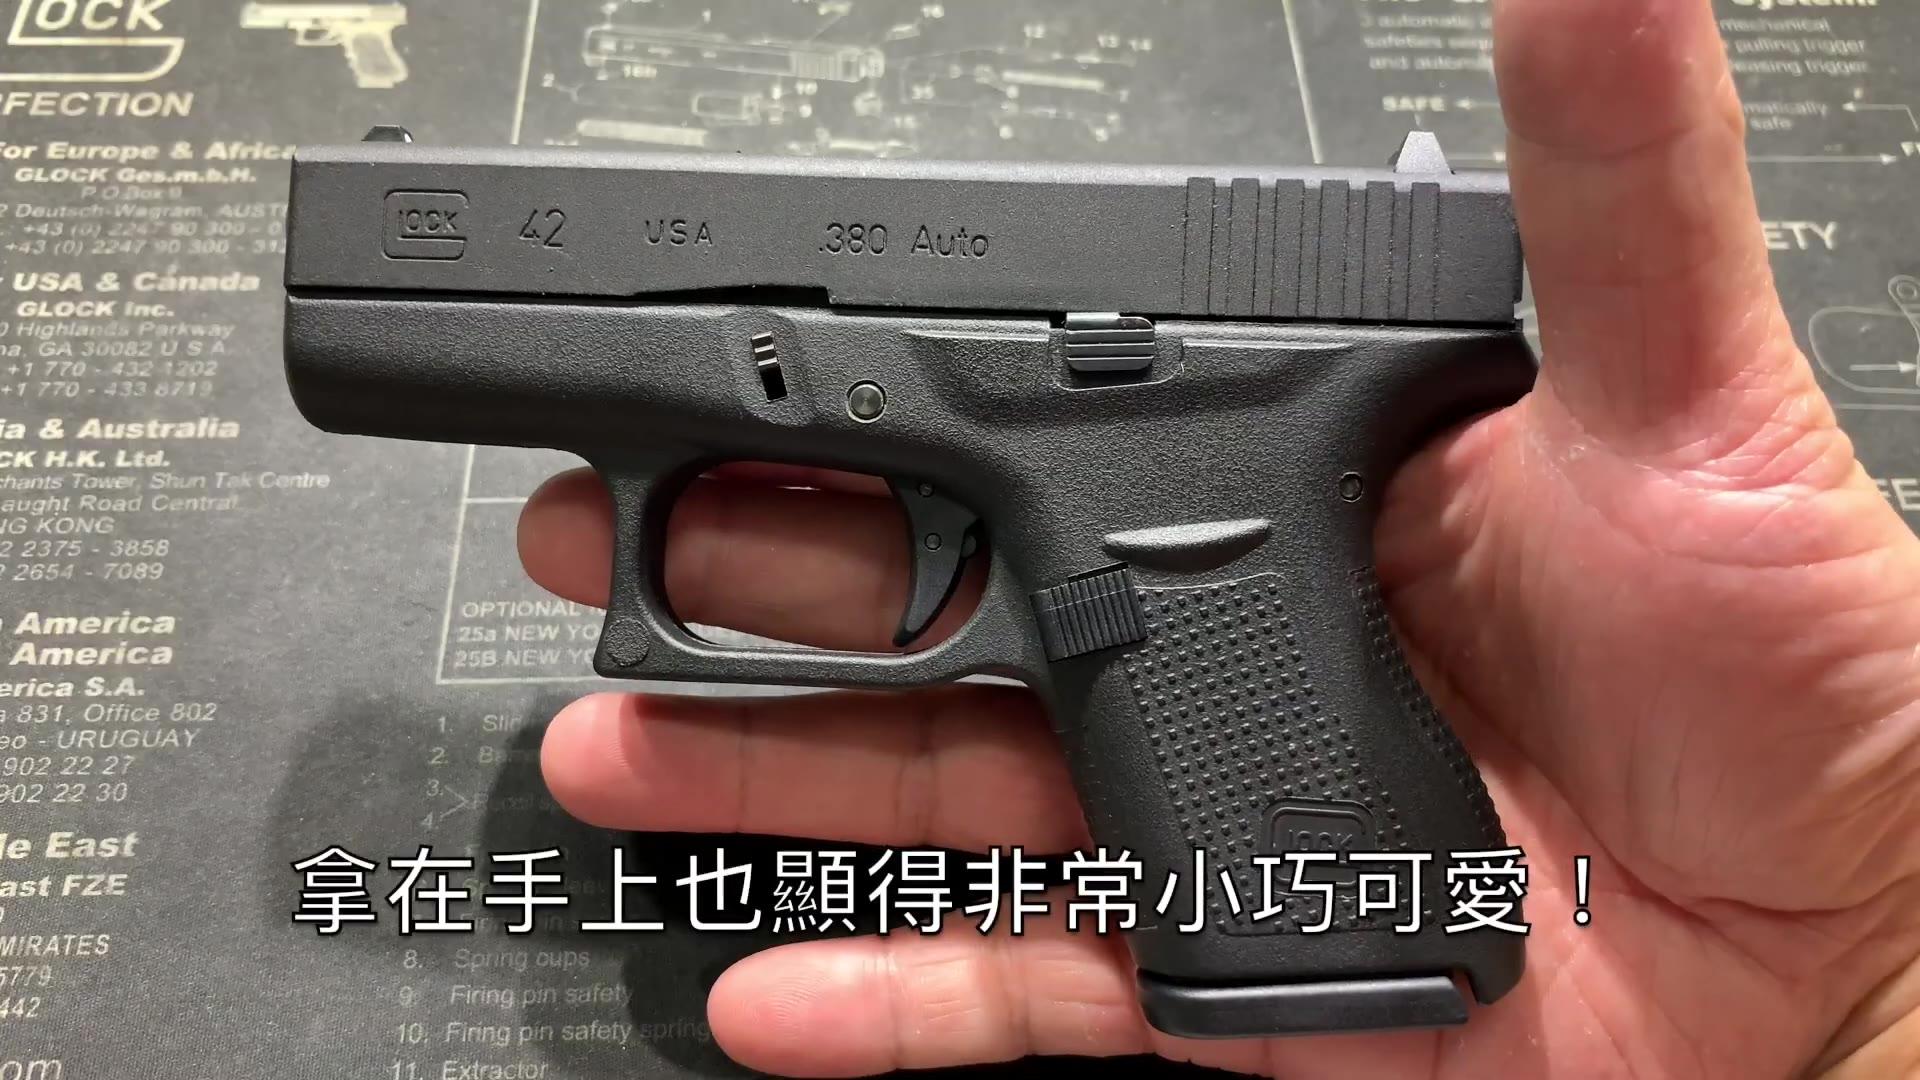 油管搬运 Stark Arms_VFC_謎版 Glock 42 GBB 原廠開箱測試